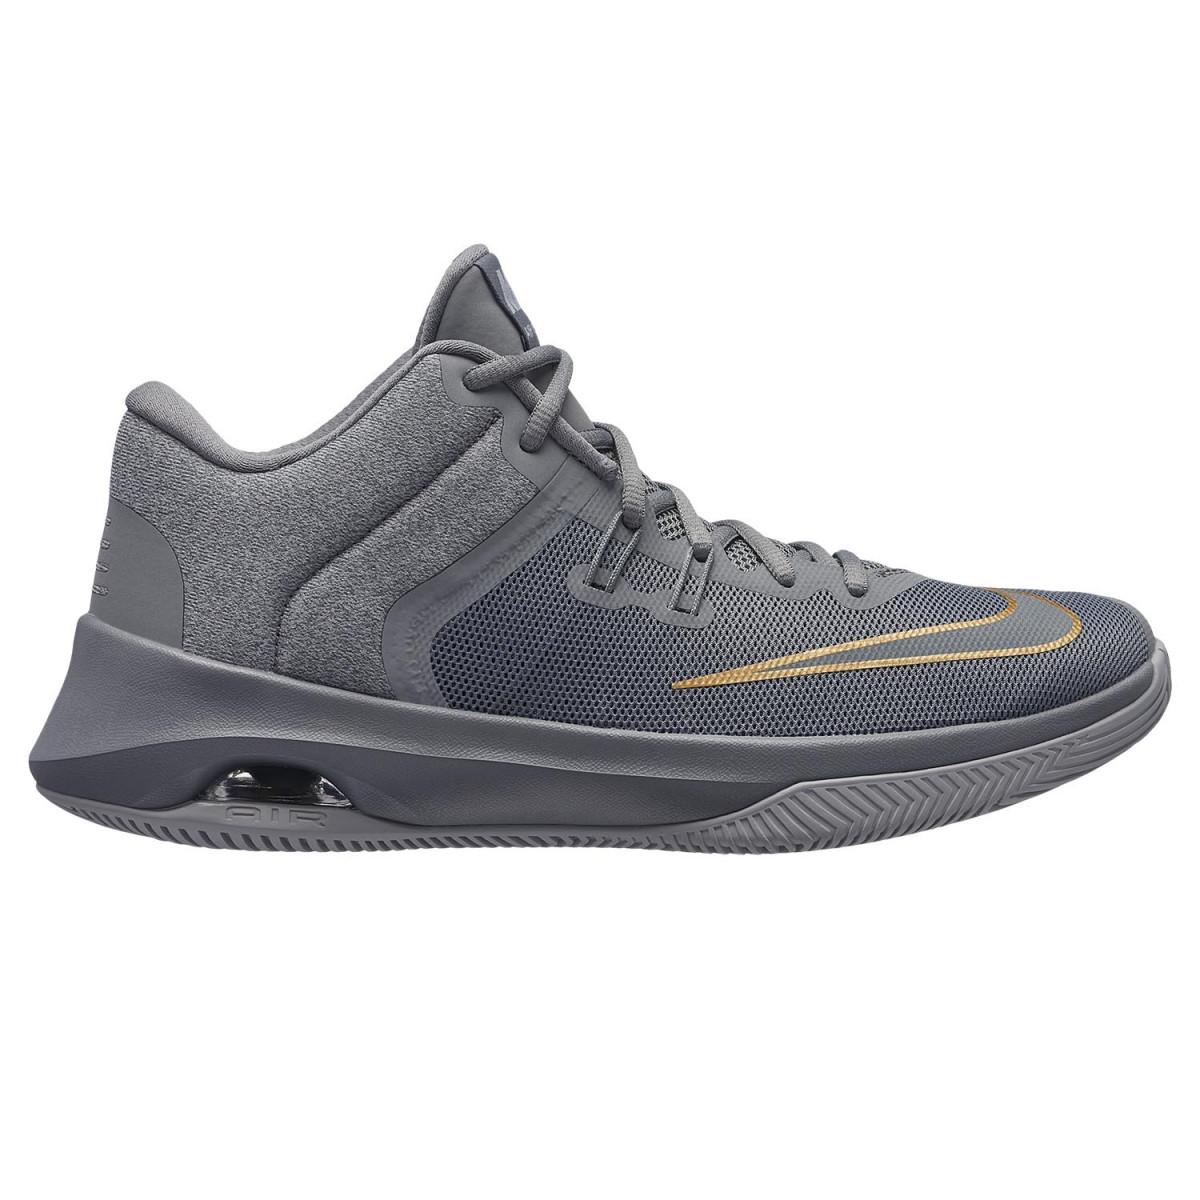 a9f934d4eb4a0 Zapatillas Nike Air Versitile II - Básquet - Zapatillas - Hombre